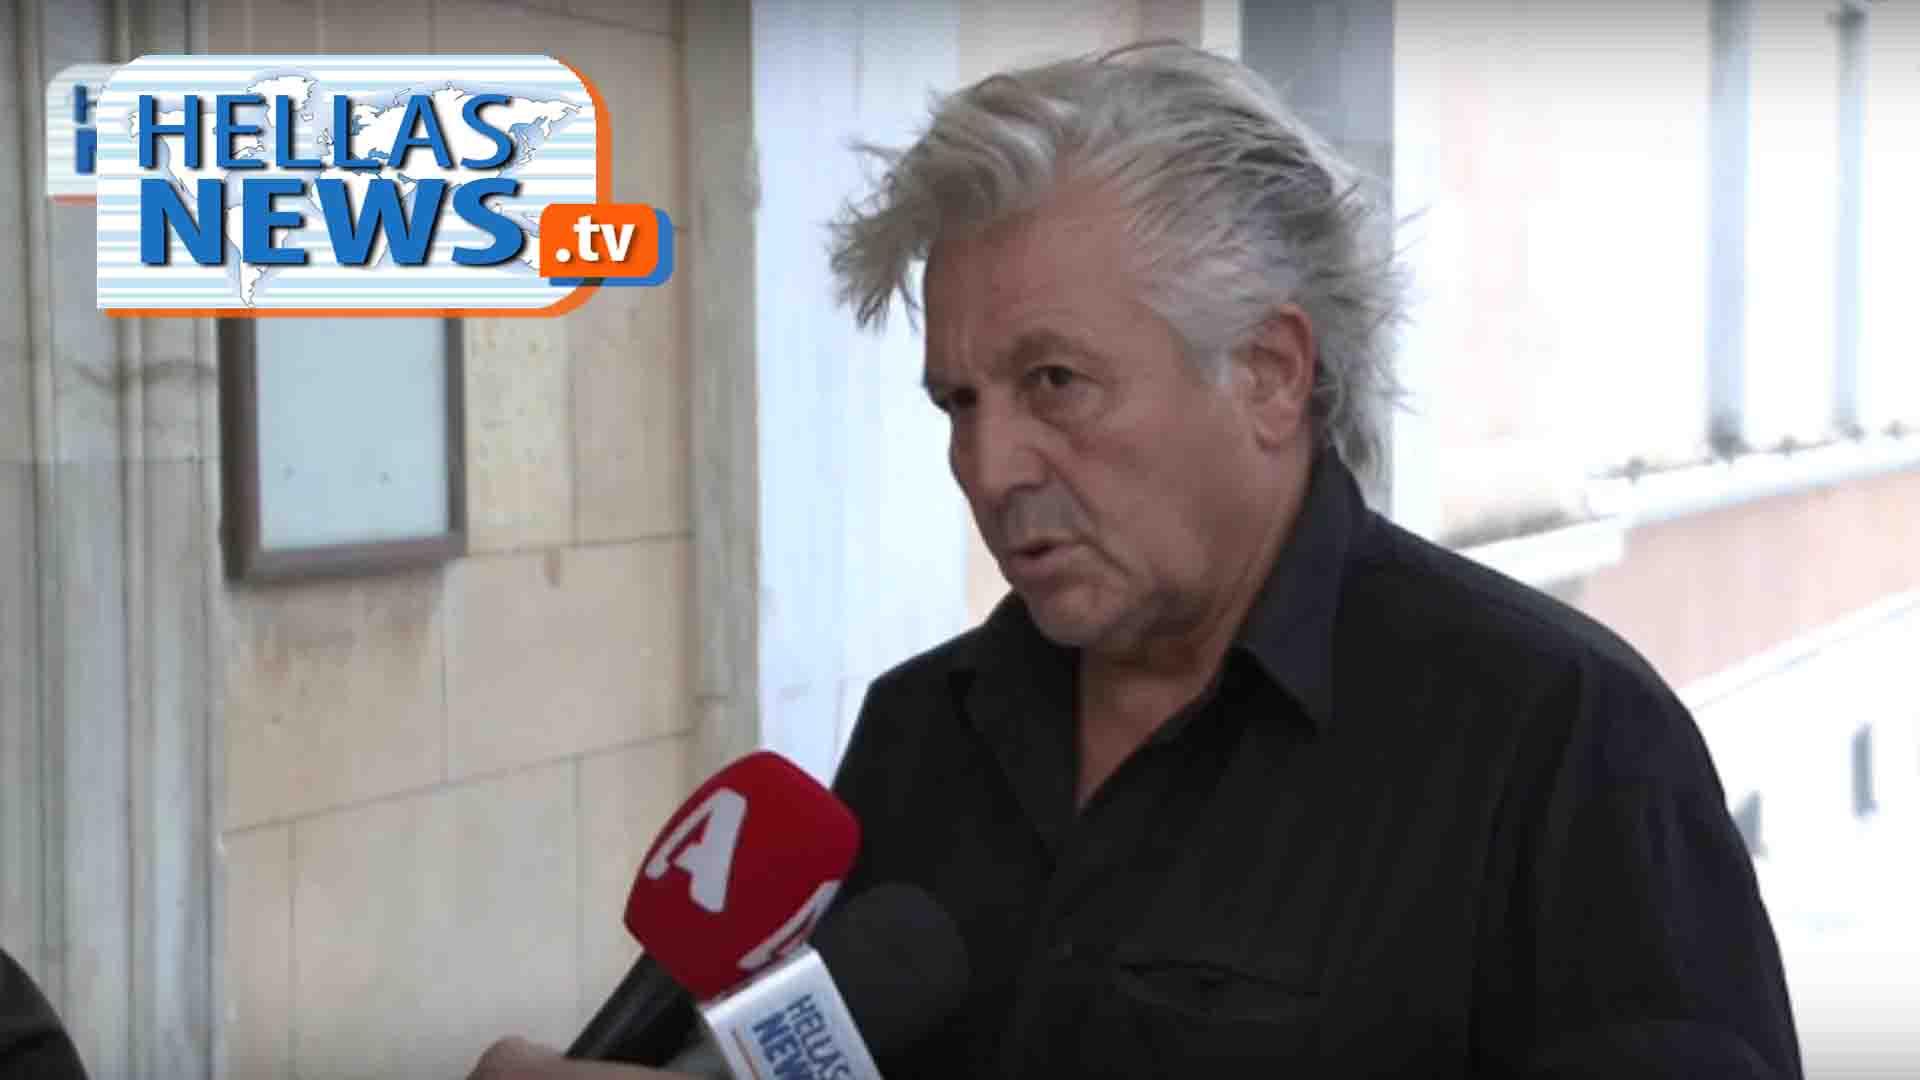 Βουλή- Δήλωση Θ. Παπαχριστόπουλου για τους εργαζόμενους των καναλιών που απειλούνται με «μαύρο»